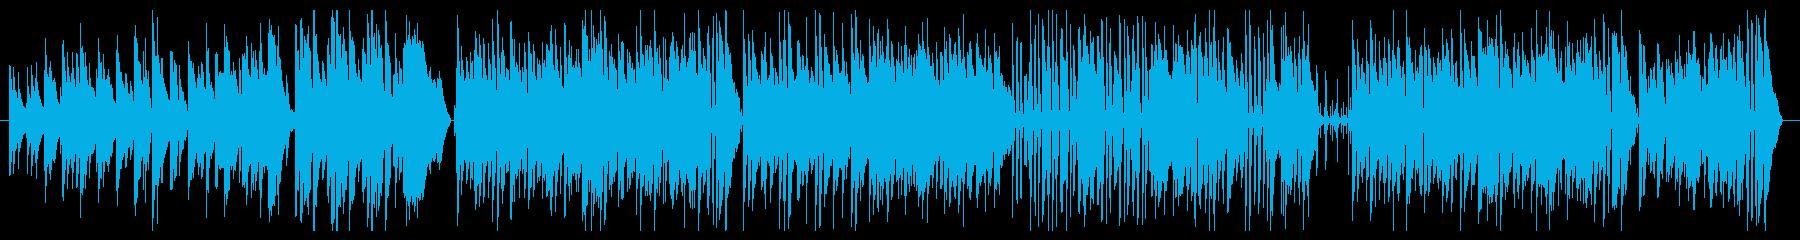 ジングルベル ピアノメインのジャズの再生済みの波形